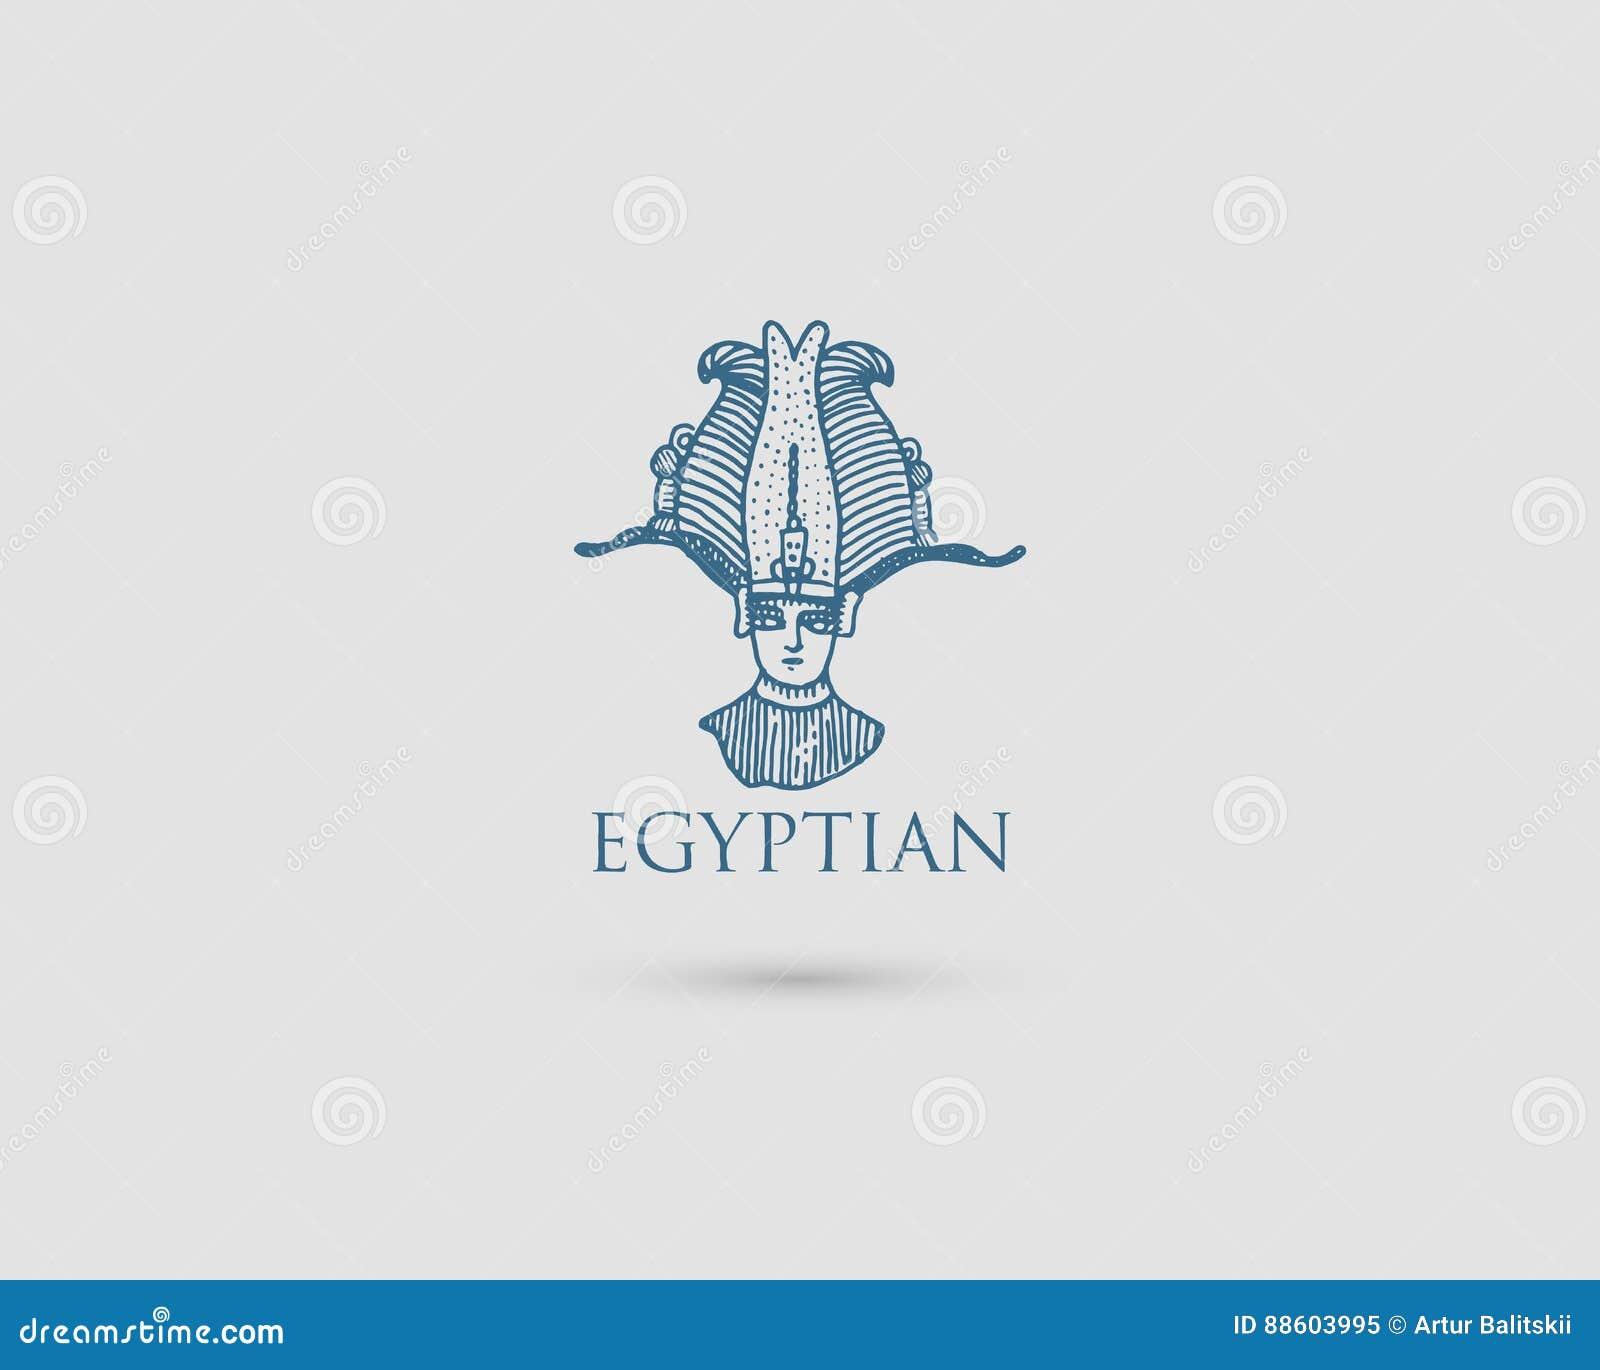 Logotipo egipcio con el símbolo Pharaon Osiris del vintage antiguo de la civilización, de la mano grabada dibujada en bosquejo o